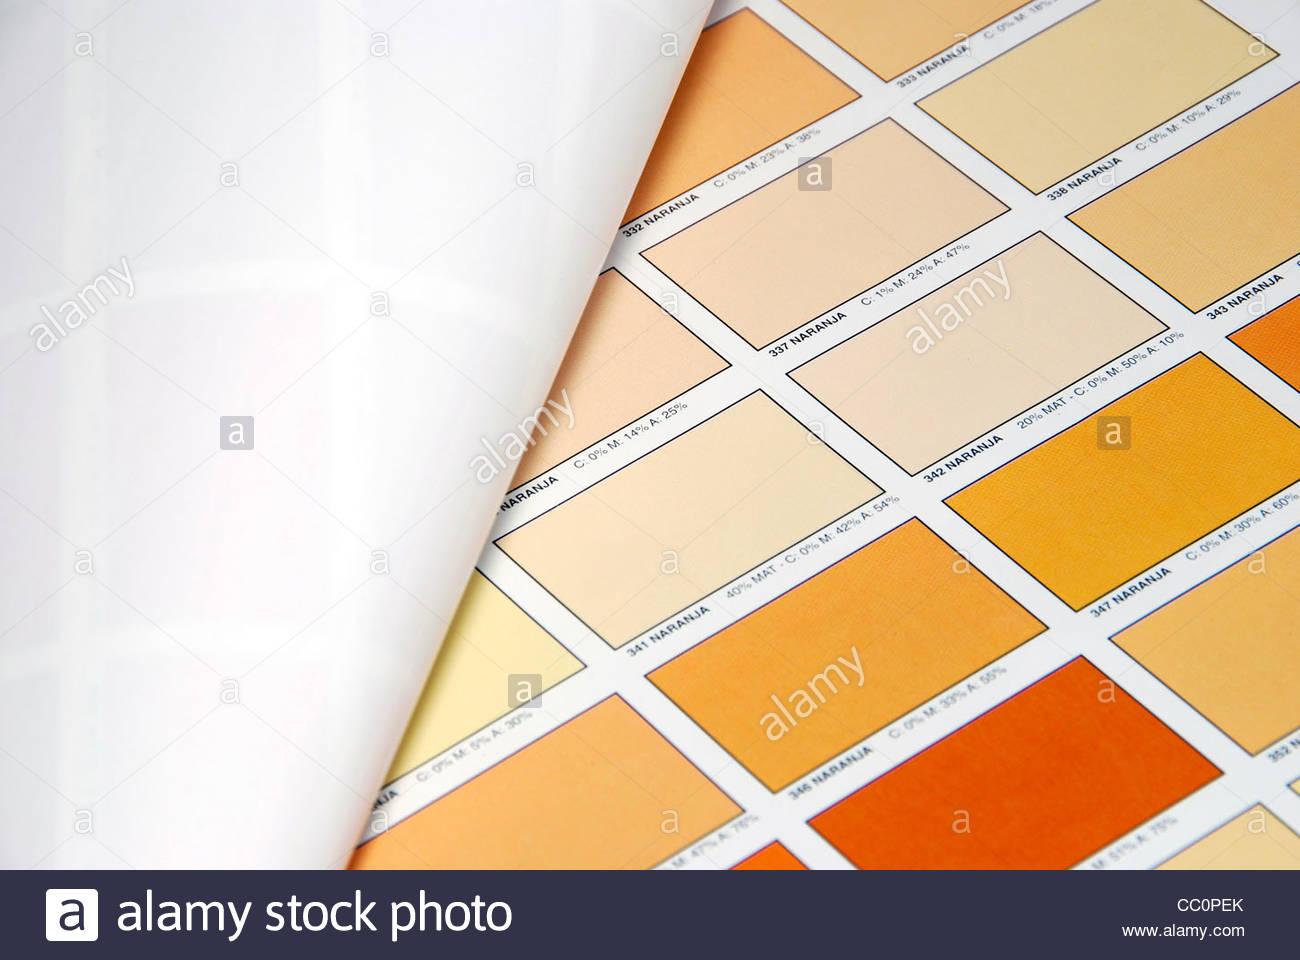 Orange Farbe Farbfelder auf ein Farbbuch gedruckt. Tool zur grafischen Farbauswahl Stockbild